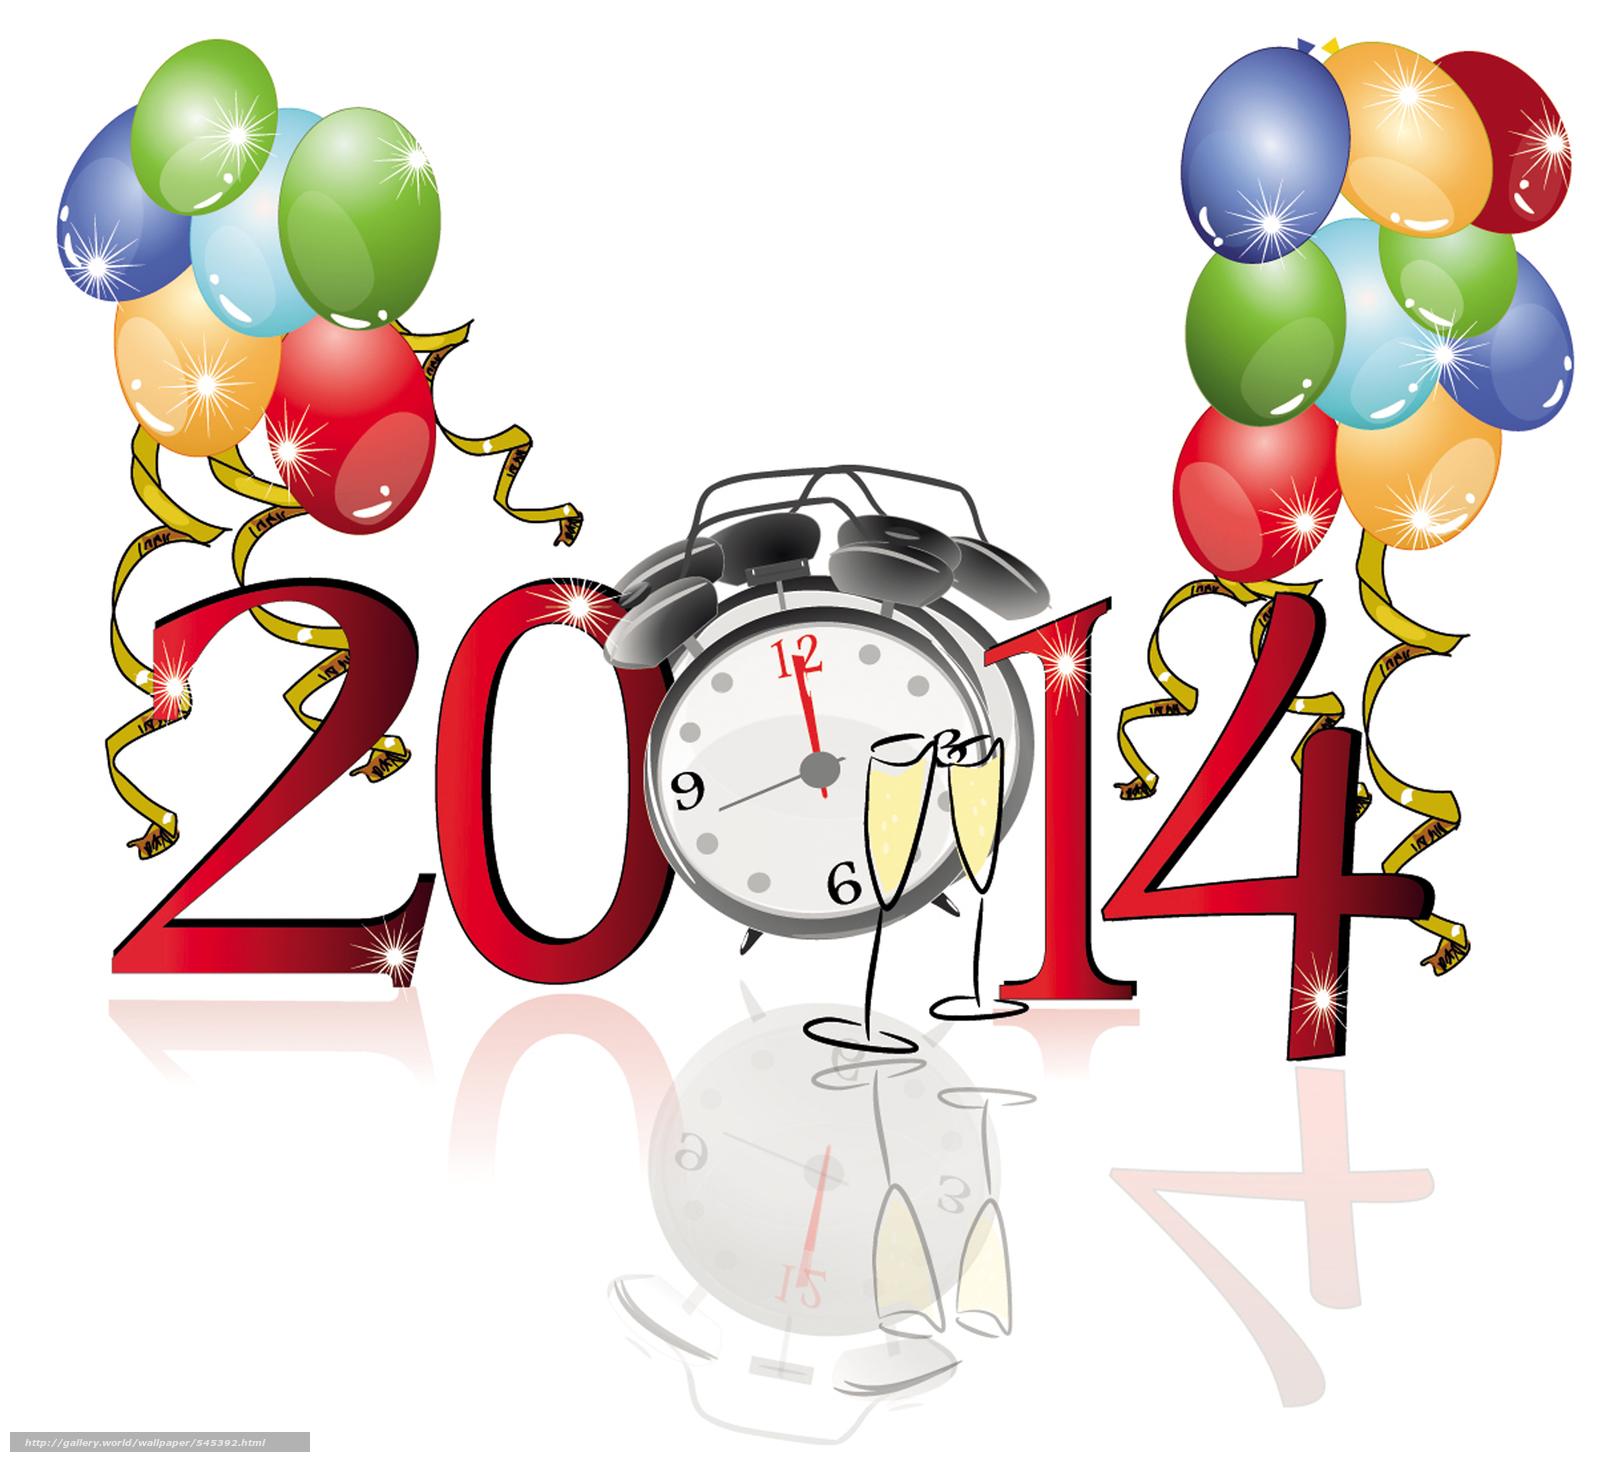 Frases para Año Nuevo - Frases Bonitas